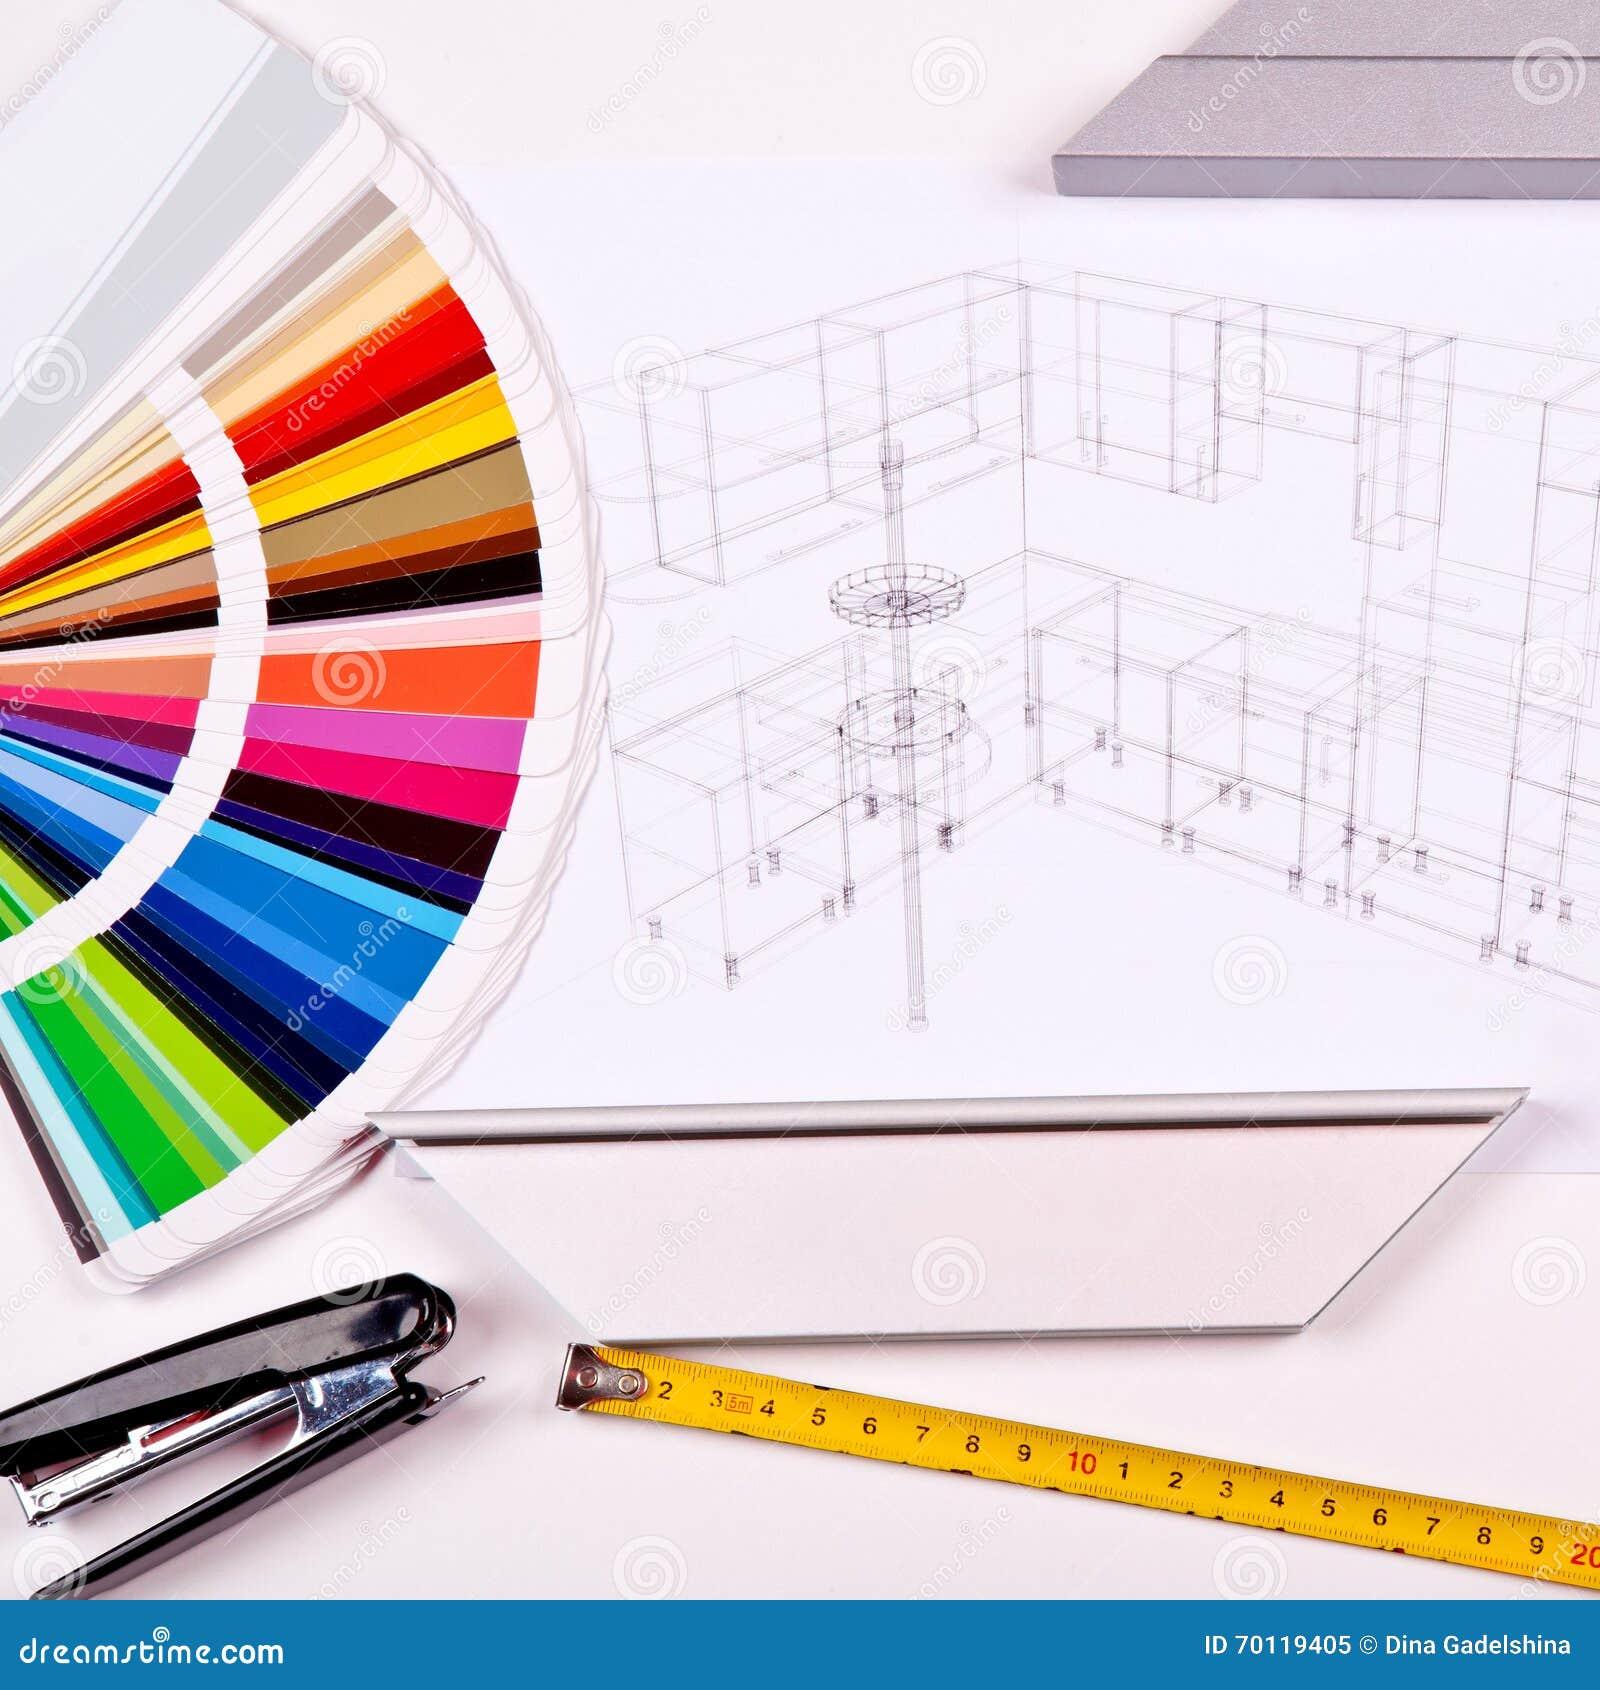 Bau  Und Gestaltungskonzept Sichtbarmachung 3D Des Küchenprojektes Im Bau  Mit Den Hölzernen Und Plastikgremien, Farbpalette Und Einem Maßband Auf ...